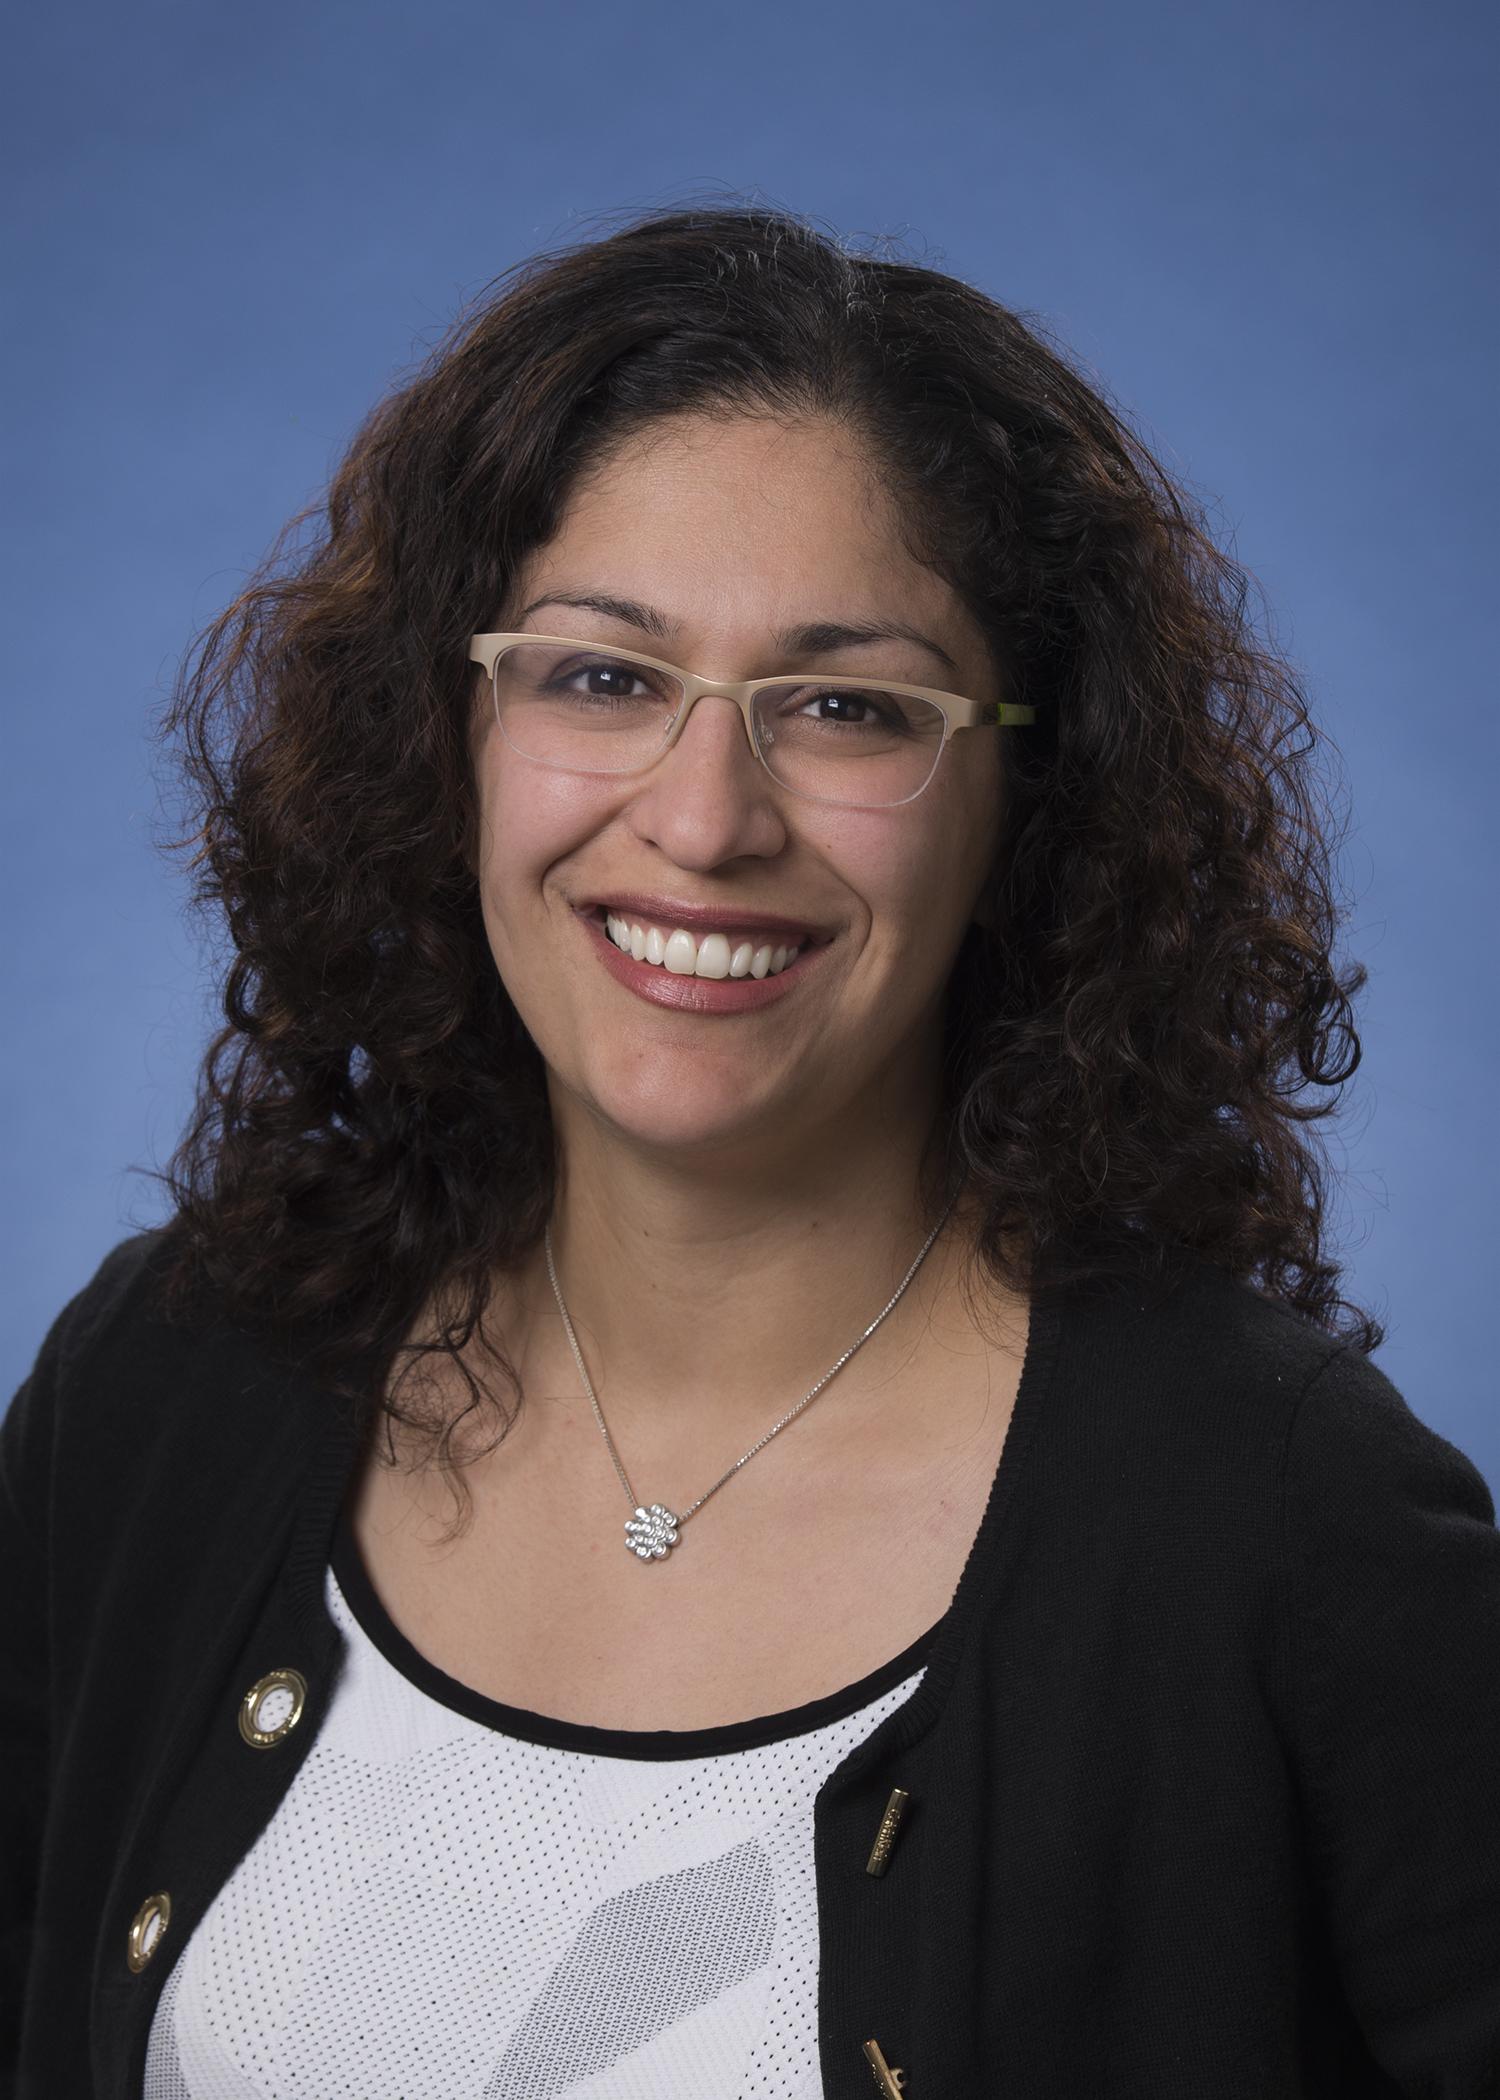 Dr. Azi Moaveni